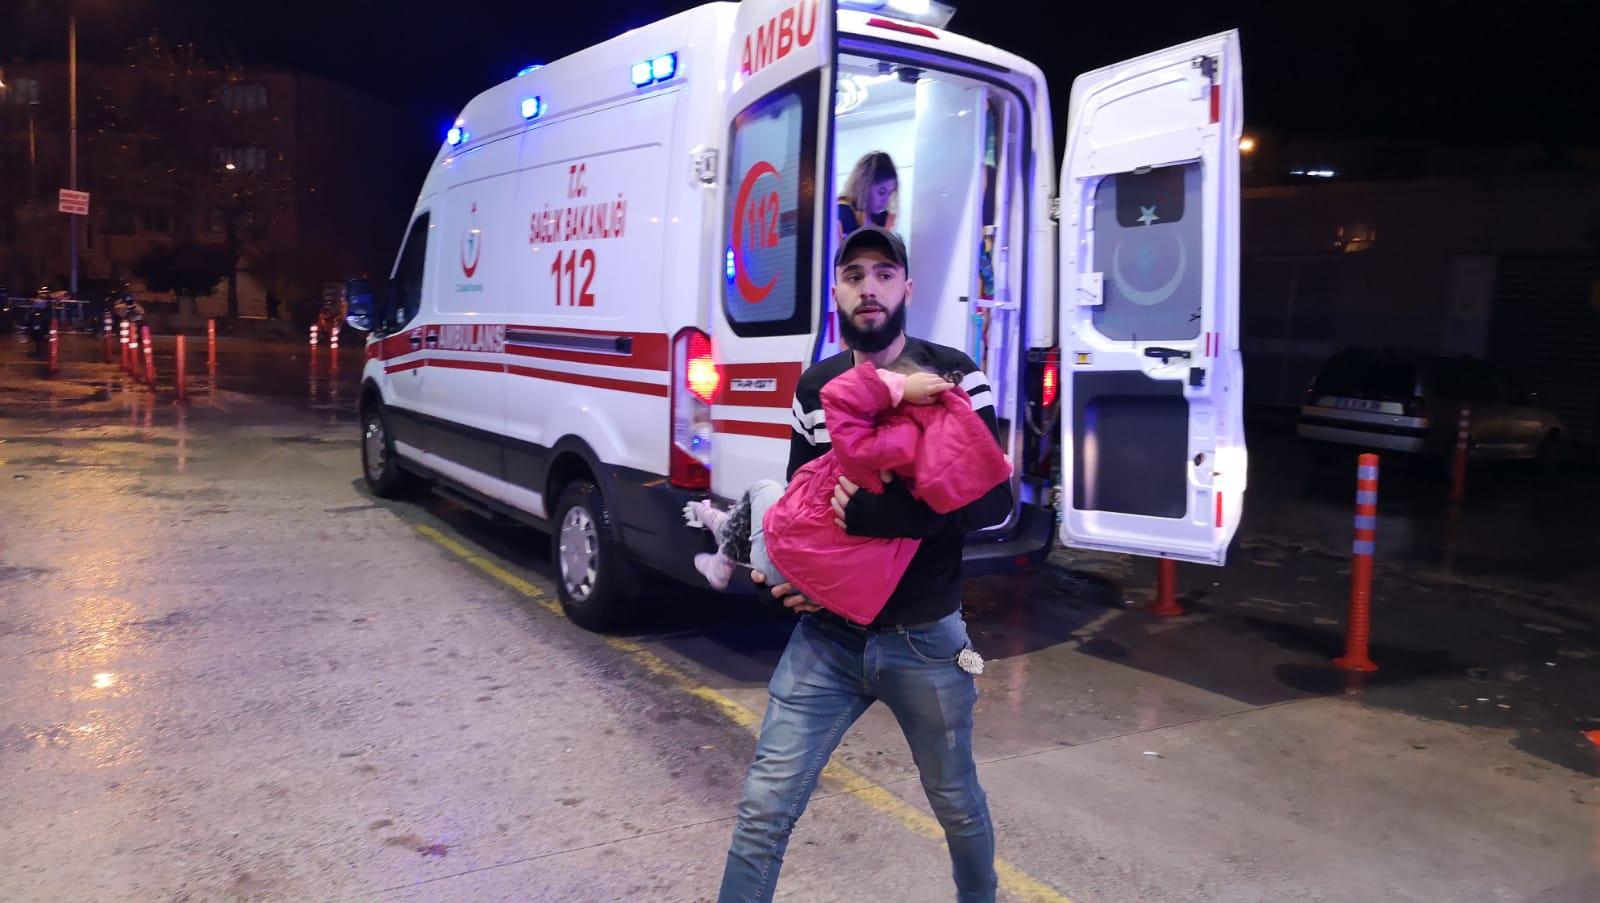 Soba gazından etkilenen 4 kişilik aile hastaneye kaldırıldı